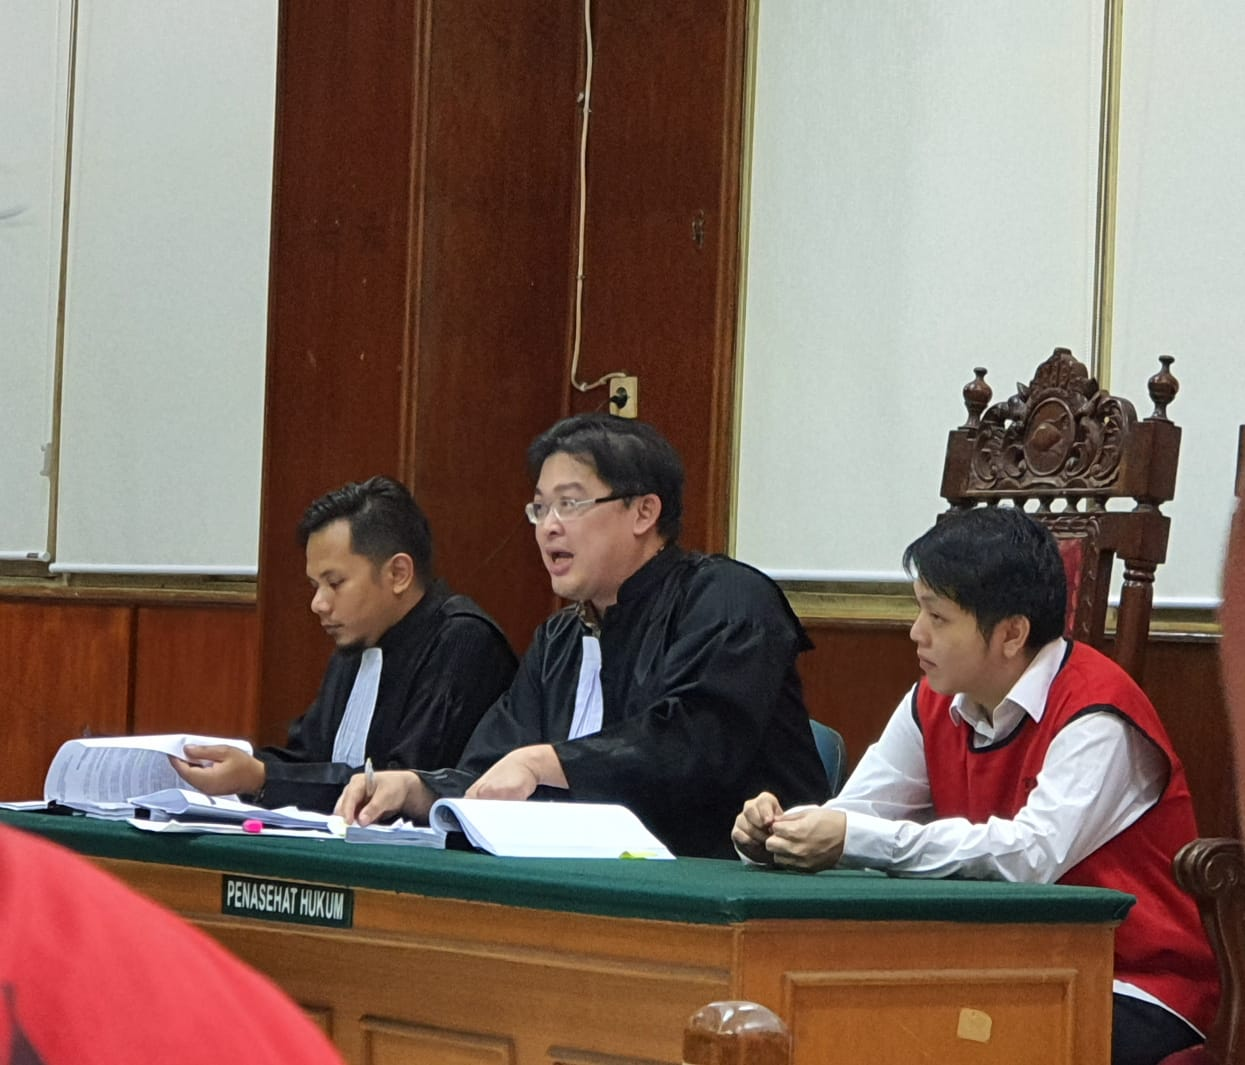 Ngadu ke Jokowi, 4 Korban Pelanggaran HAM dan Kriminalisasi Minta Keadilan